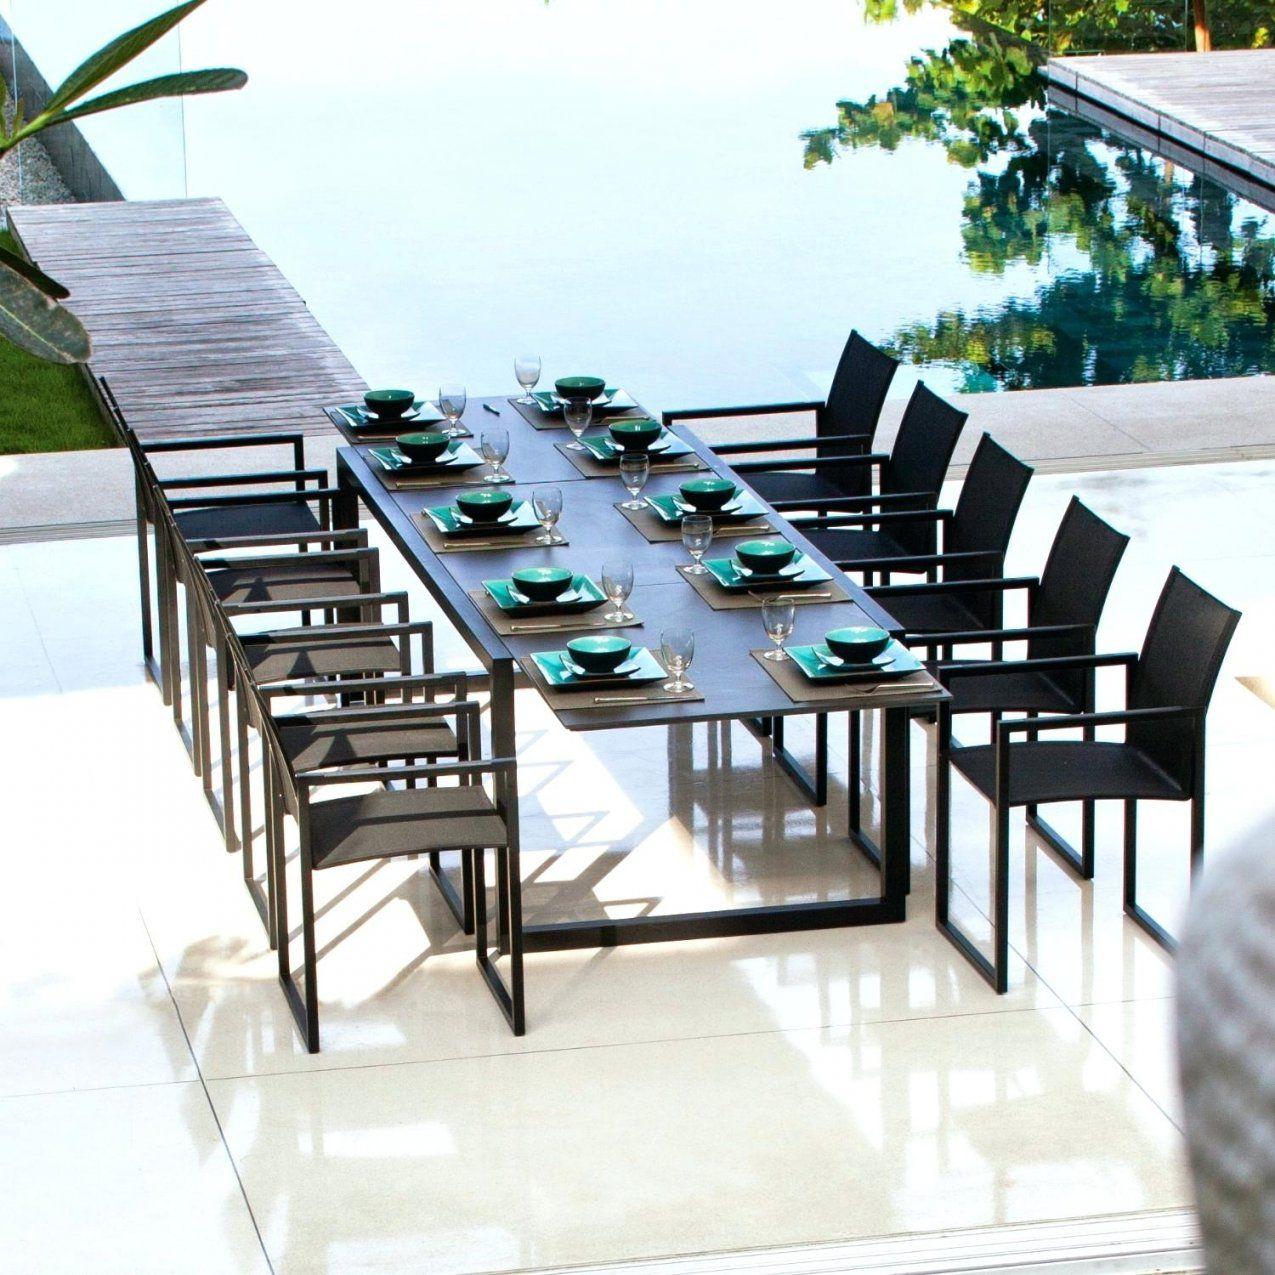 Gartentisch 8 Personen 400Cm Mit 12 Stapelsta 1 4 Hle Bild von Gartentisch Für 12 Personen Bild